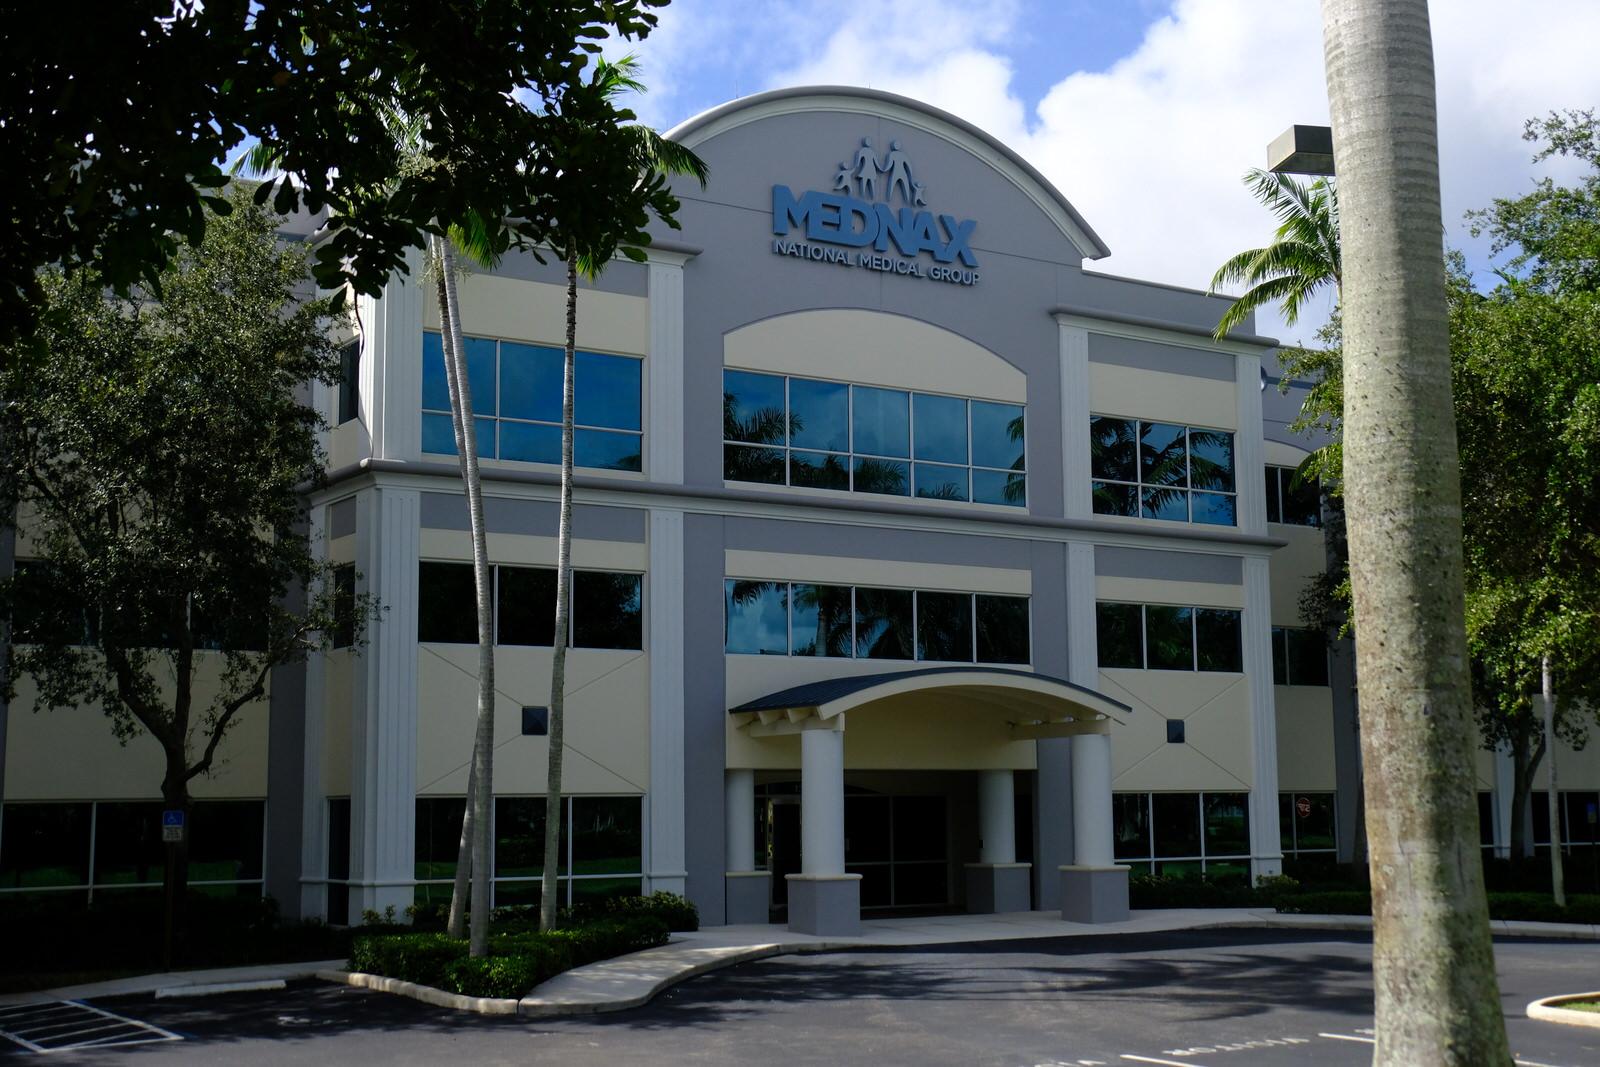 MEDNAX's corporate headquarters in Sunrise, Florida.